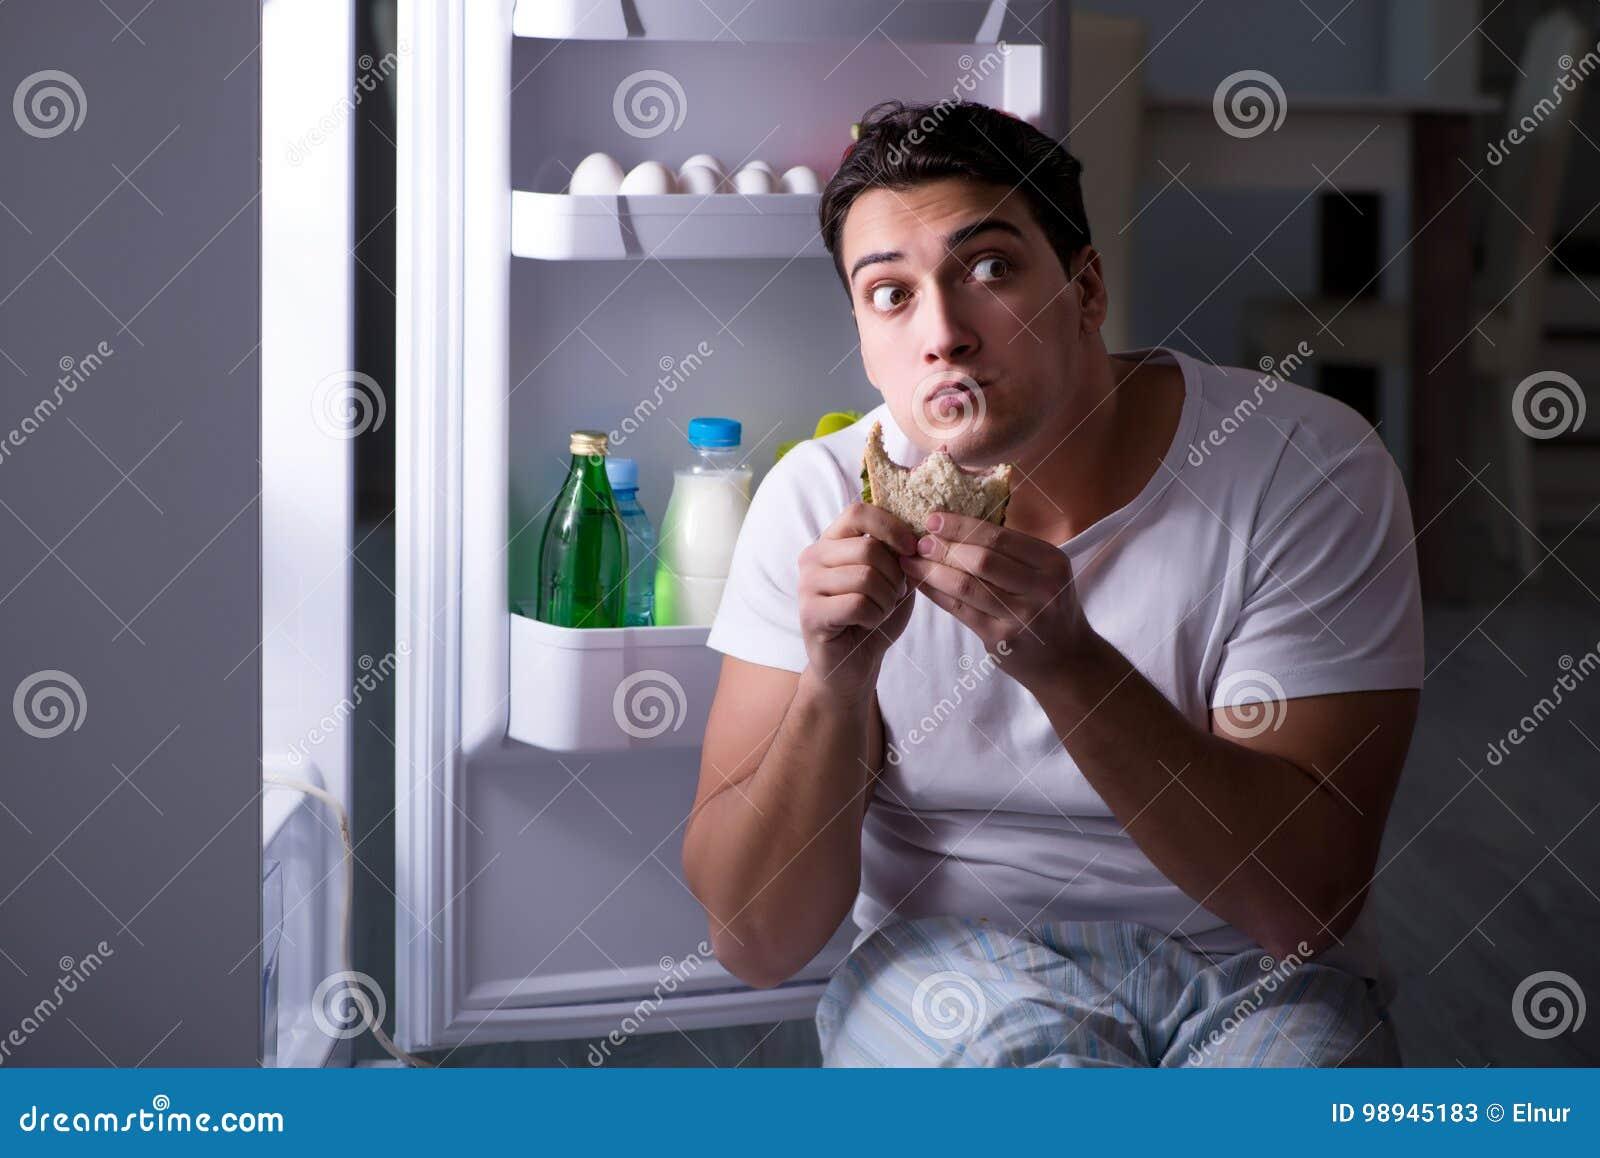 De man bij de koelkast die bij nacht eten